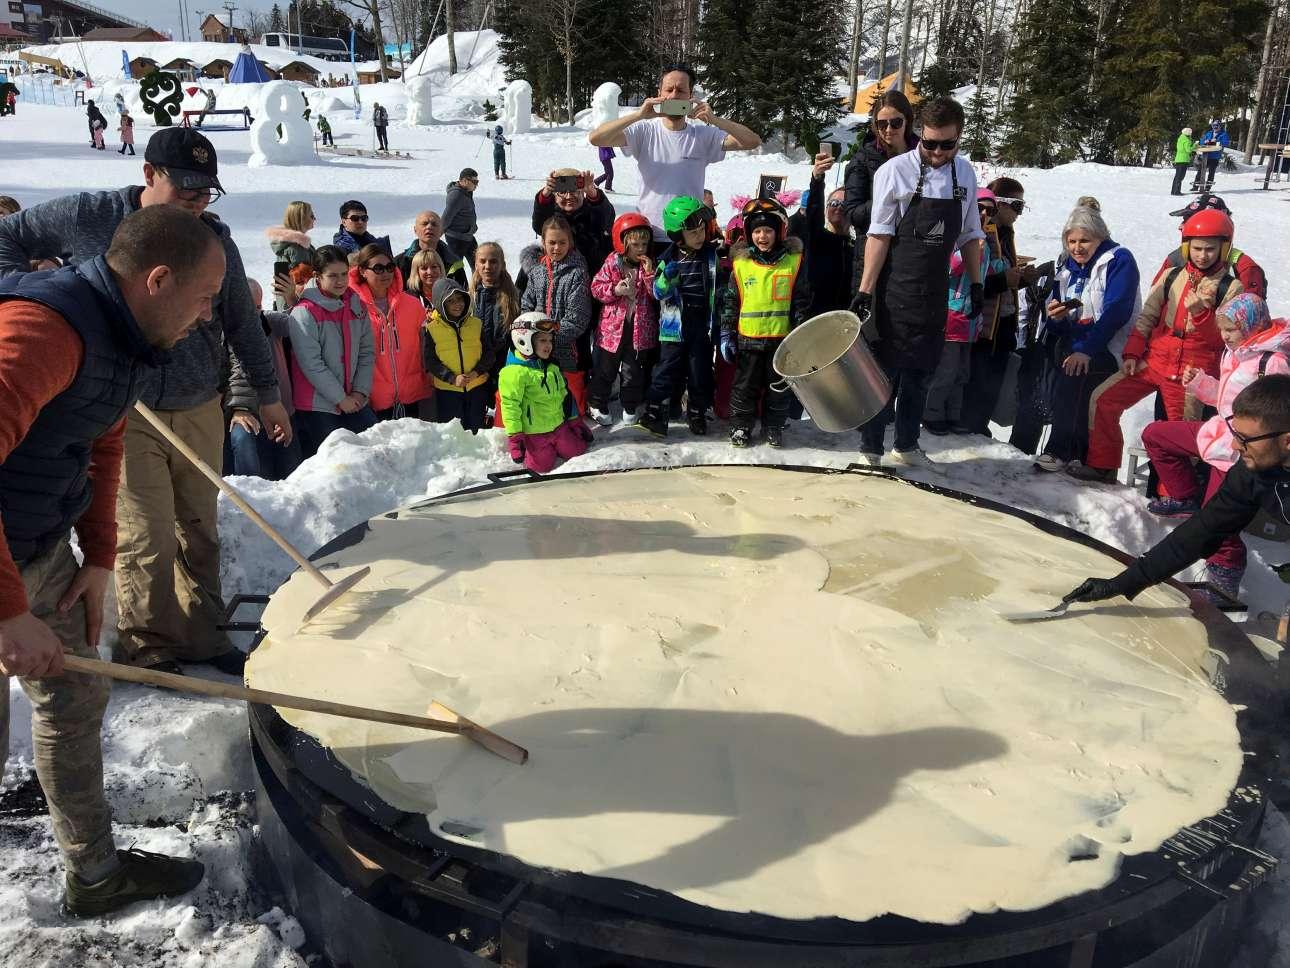 Μία τεράστια κρέπα τριών μέτρων ψήνεται έξω από το Σότσι. Οι στρογγυλές, ζεστές τηγανίτες και κρέπες αποτελούν το κύριο φαγητό της Μασλένιτσα, καθώς συμβολίζουν τον ήλιο